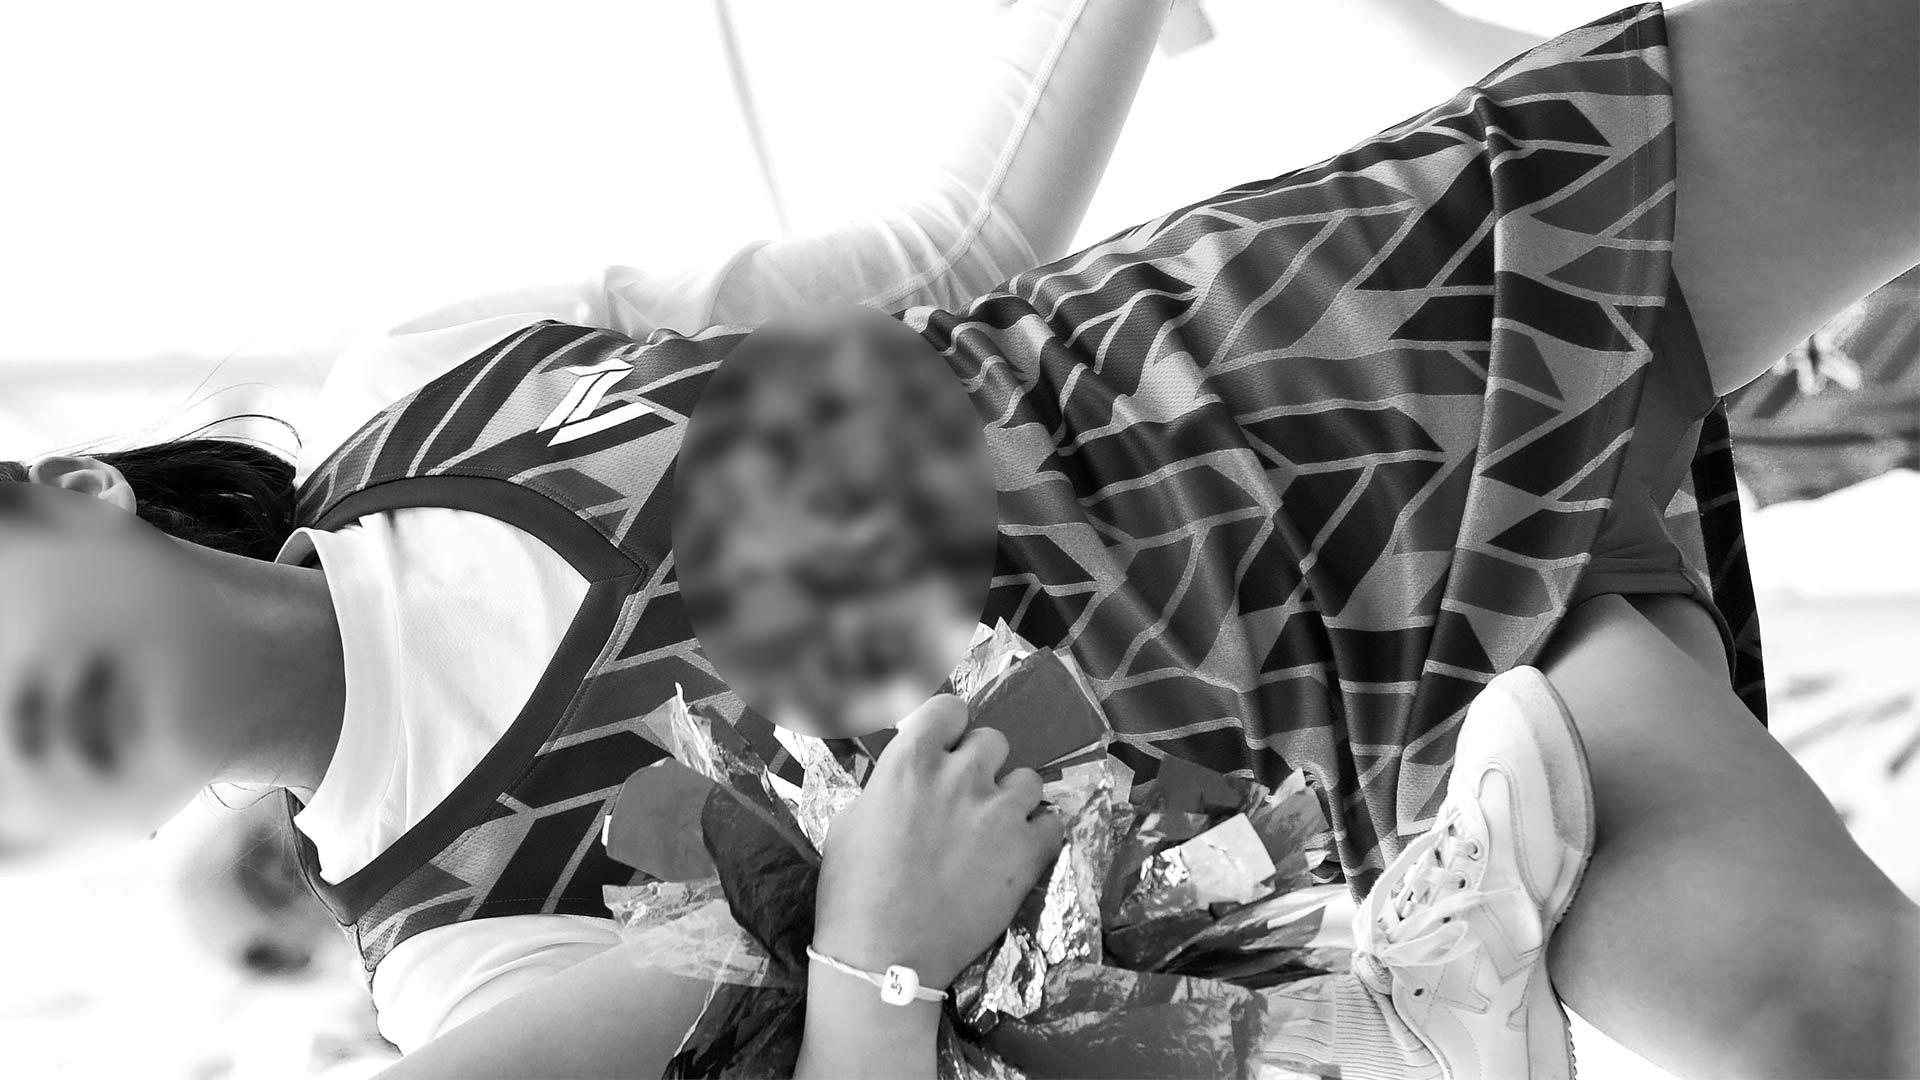 img 60ca13eebcf57 - 超絶可愛いぴちぴちのチアリーダーのあそこを撮影した動画【4K】